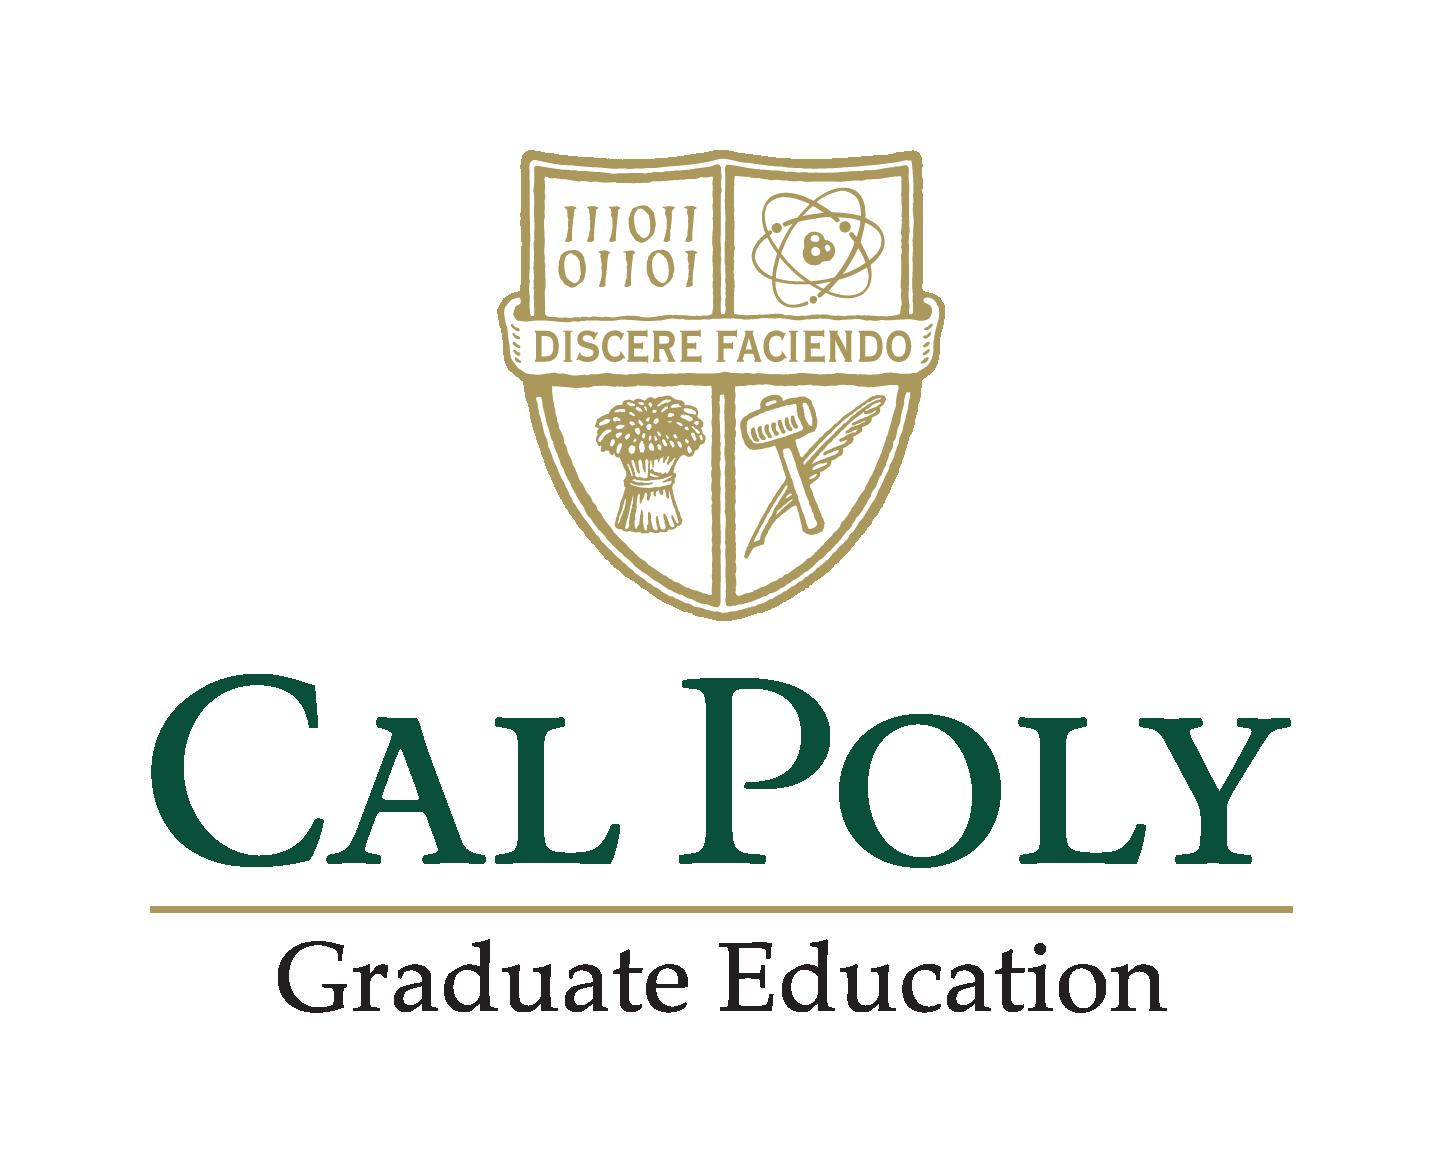 Cal Poly Graduate Education Logo - click to go to their website